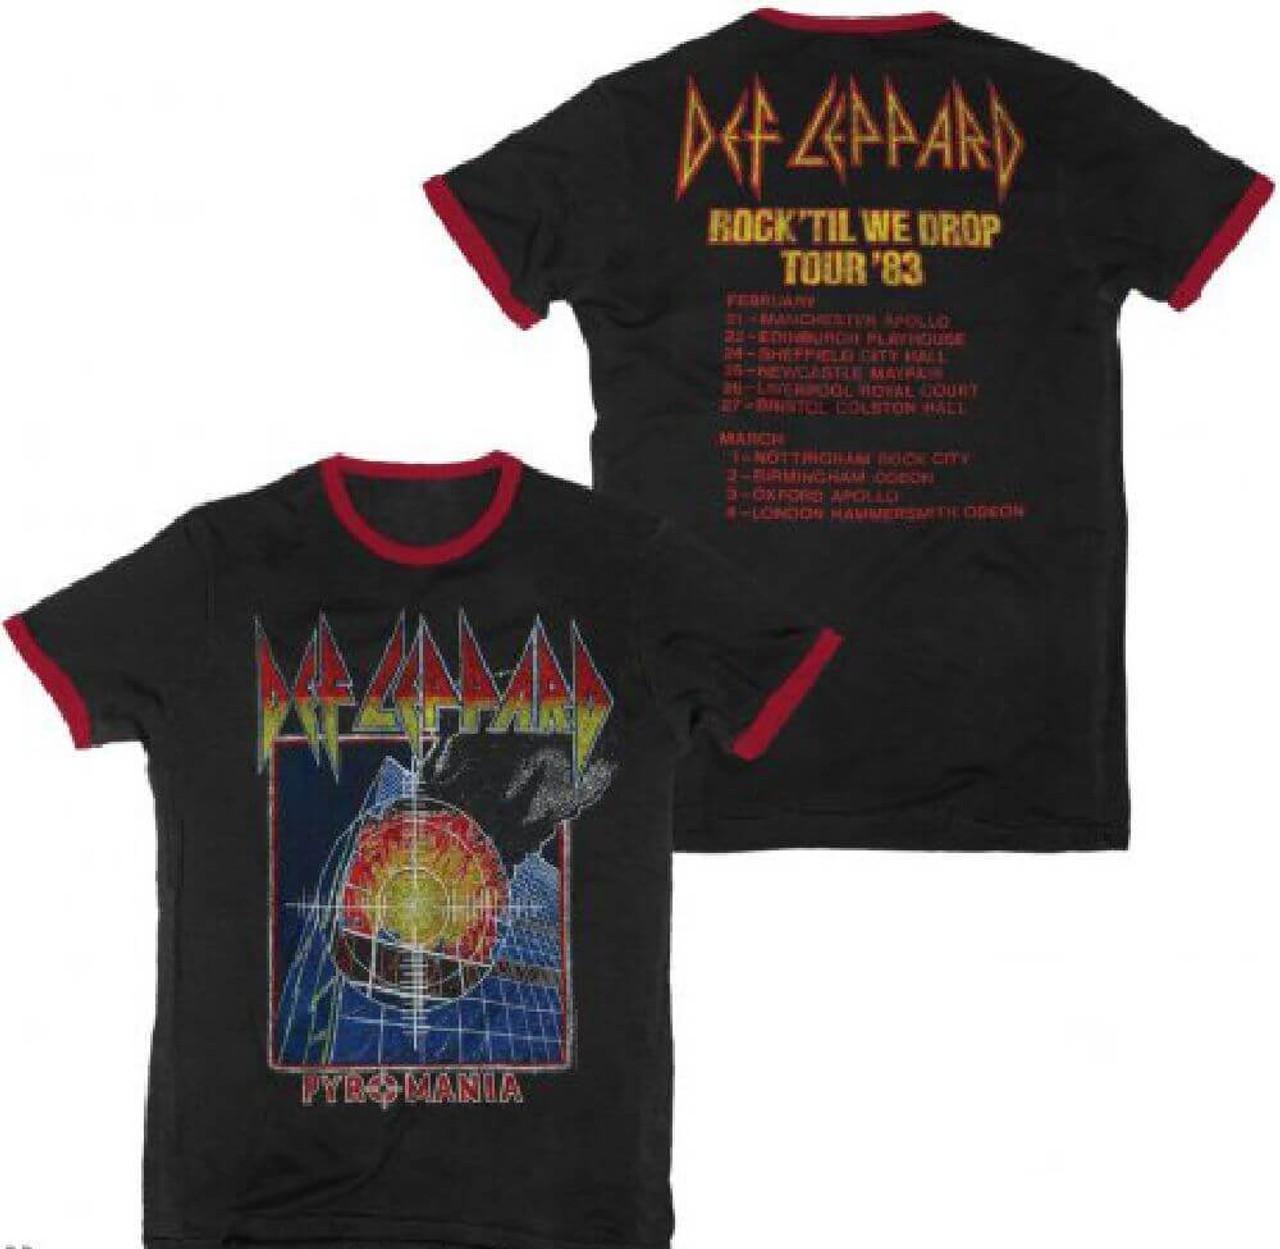 9fc6ea4338704 Def Leppard Pyromania Rock Til We Drop Tour 1983 Men s Black and Red Ringer  Vintage Concert